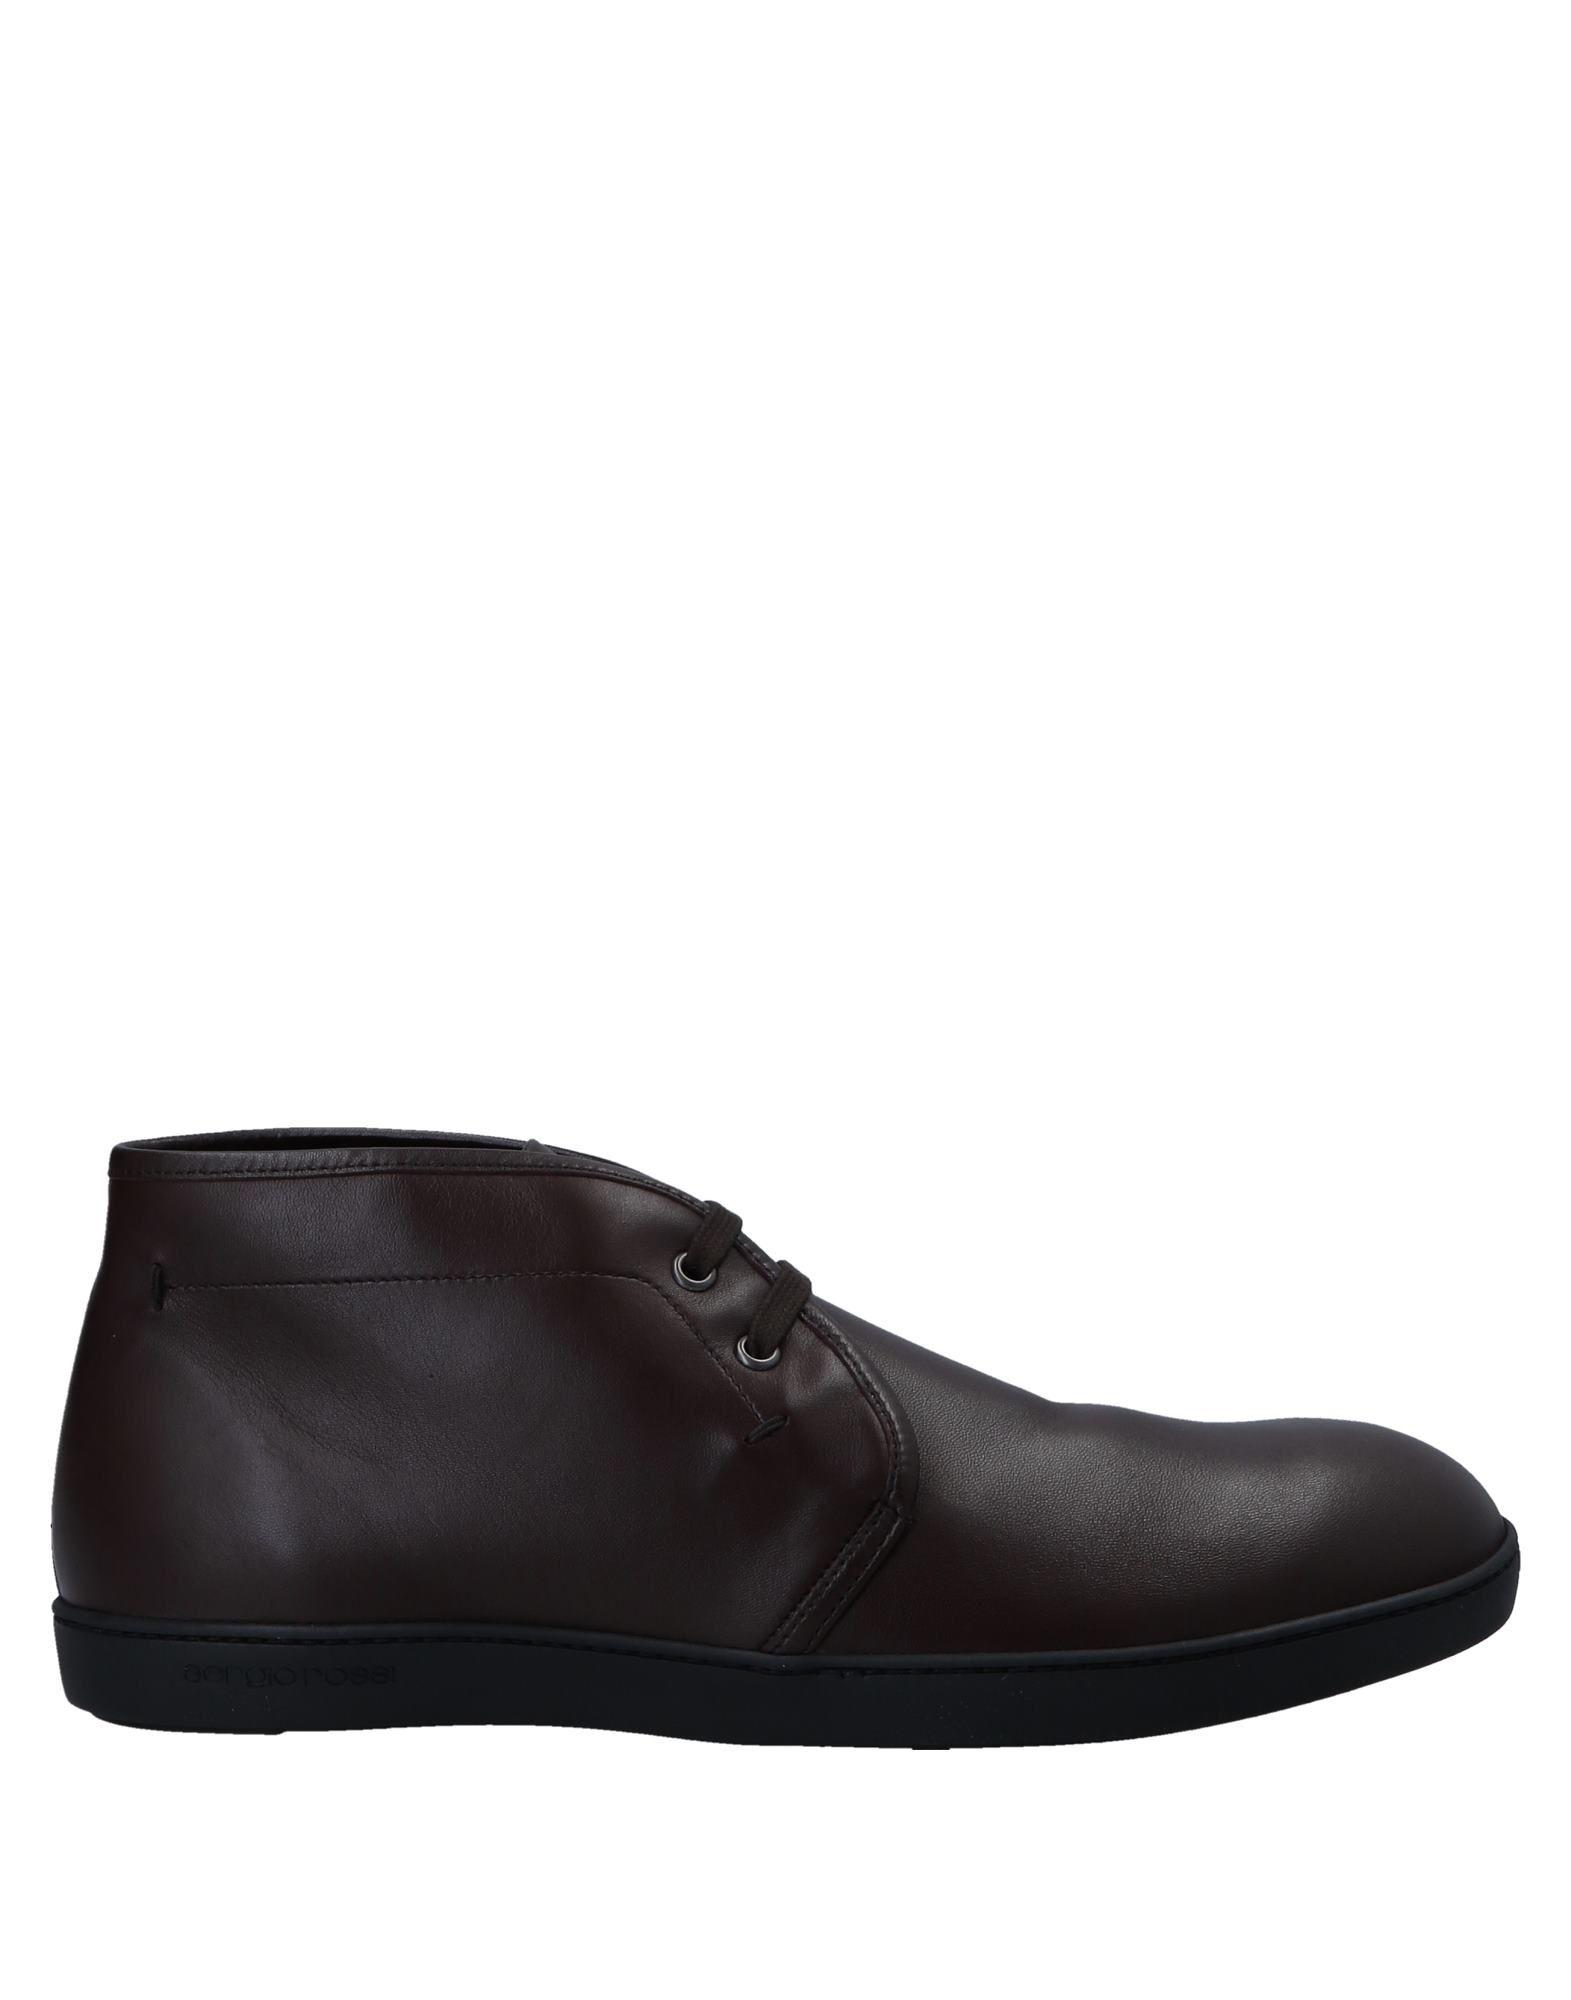 Sergio Rossi Stiefelette Herren  11547278JT Gute Qualität beliebte Schuhe